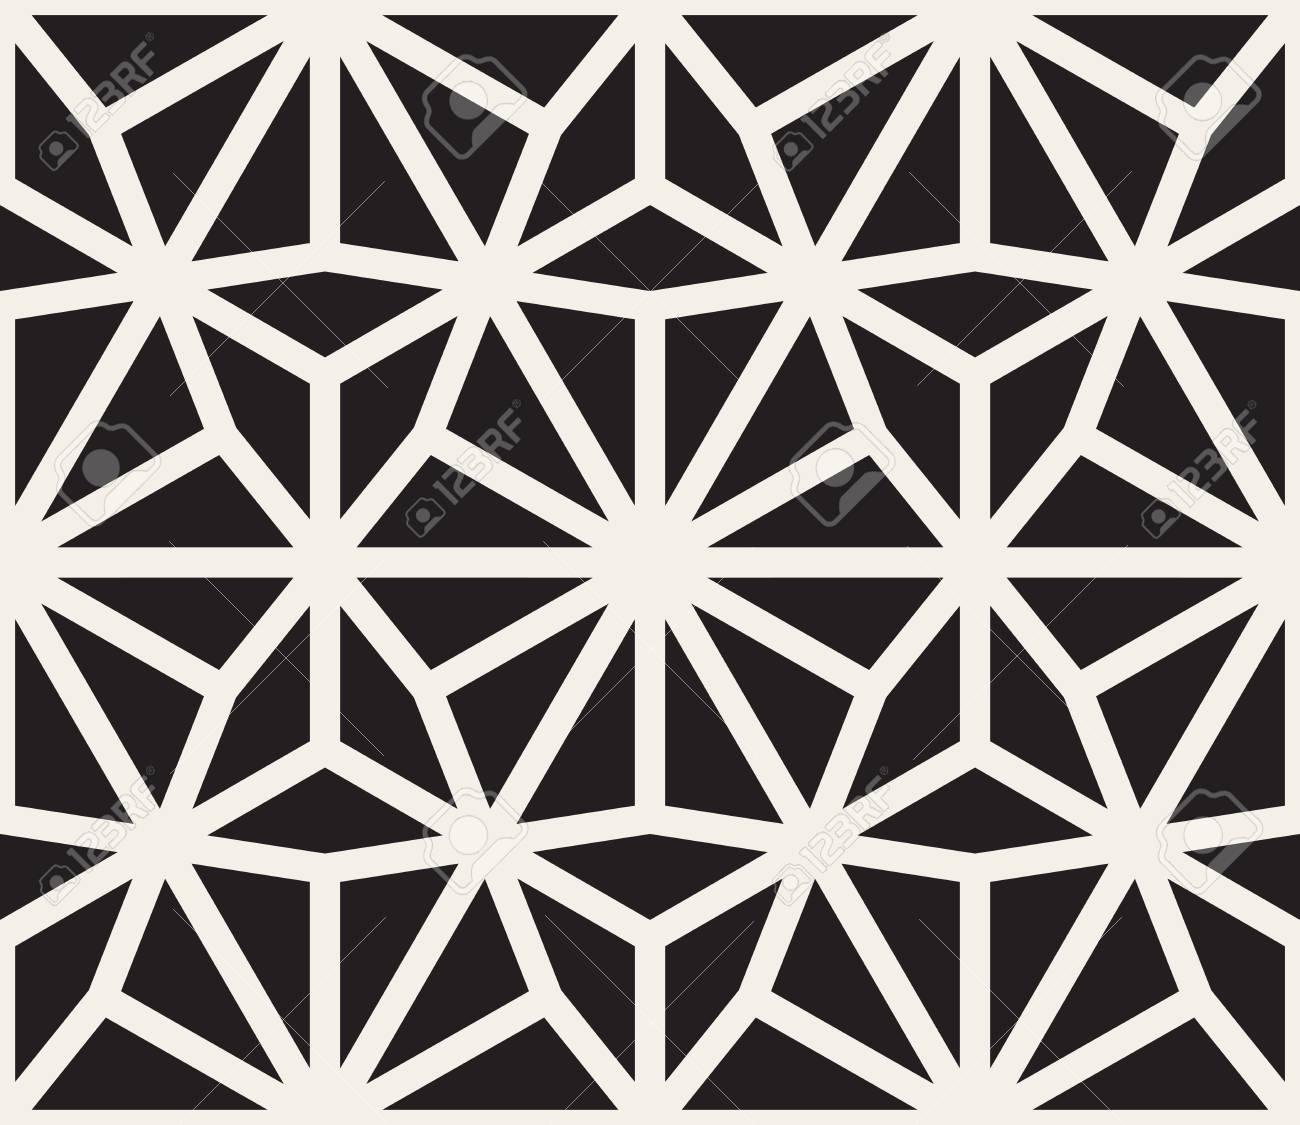 8a316d540acd Sin fisuras vector patrón Negro y blanco del cordón. Diseño abstracto del  fondo geométrico